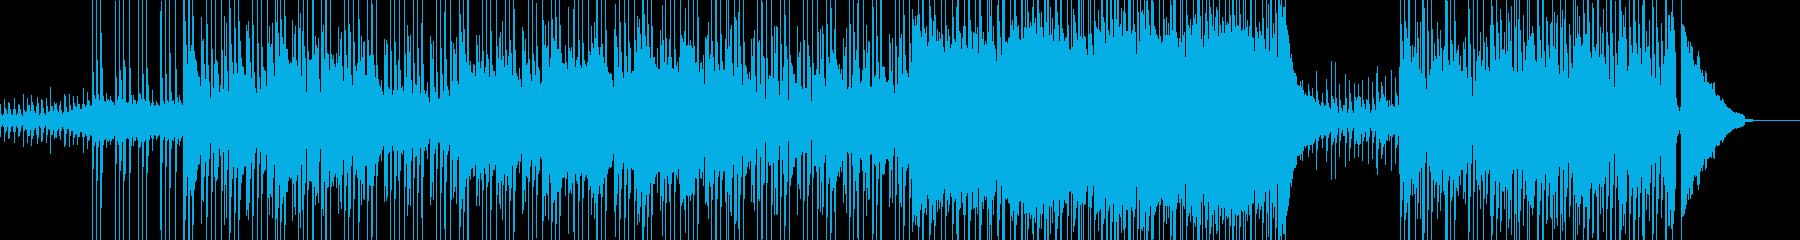 肉弾戦・真剣勝負を想定したロック 長尺の再生済みの波形